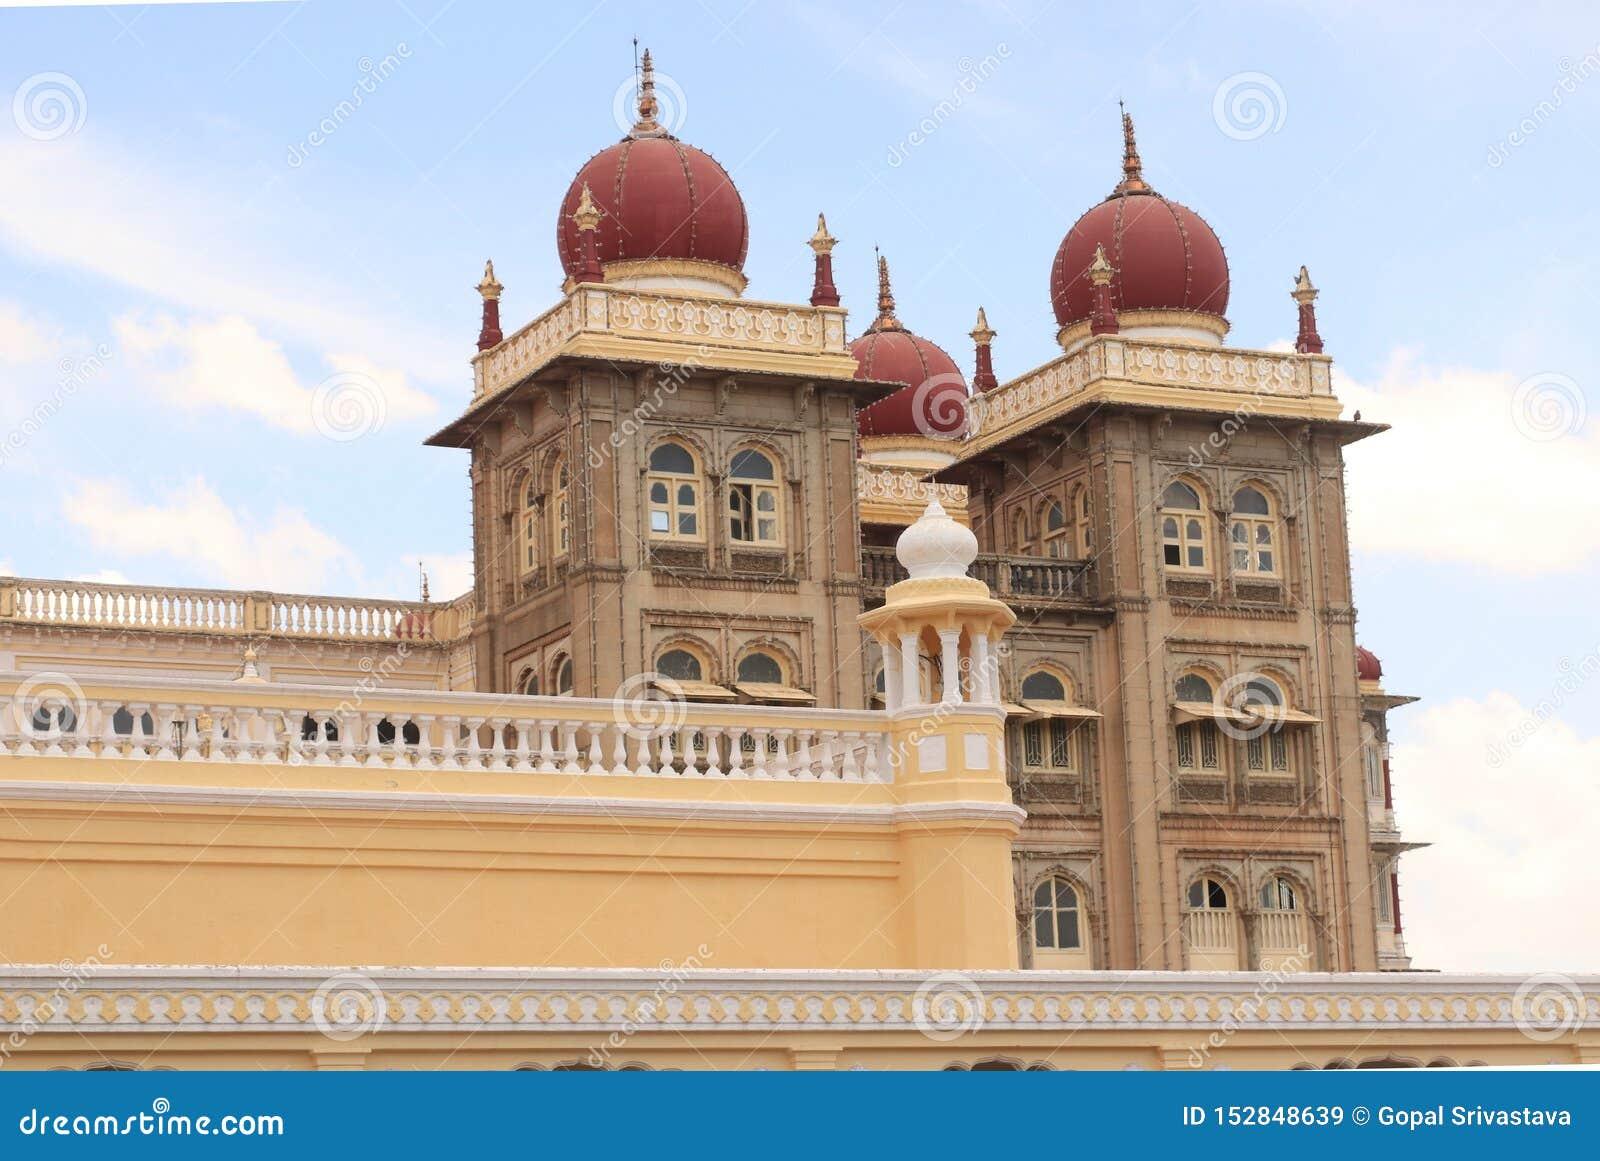 Ζωηρόχρωμοι και όμορφοι θόλοι του παλατιού του Mysore